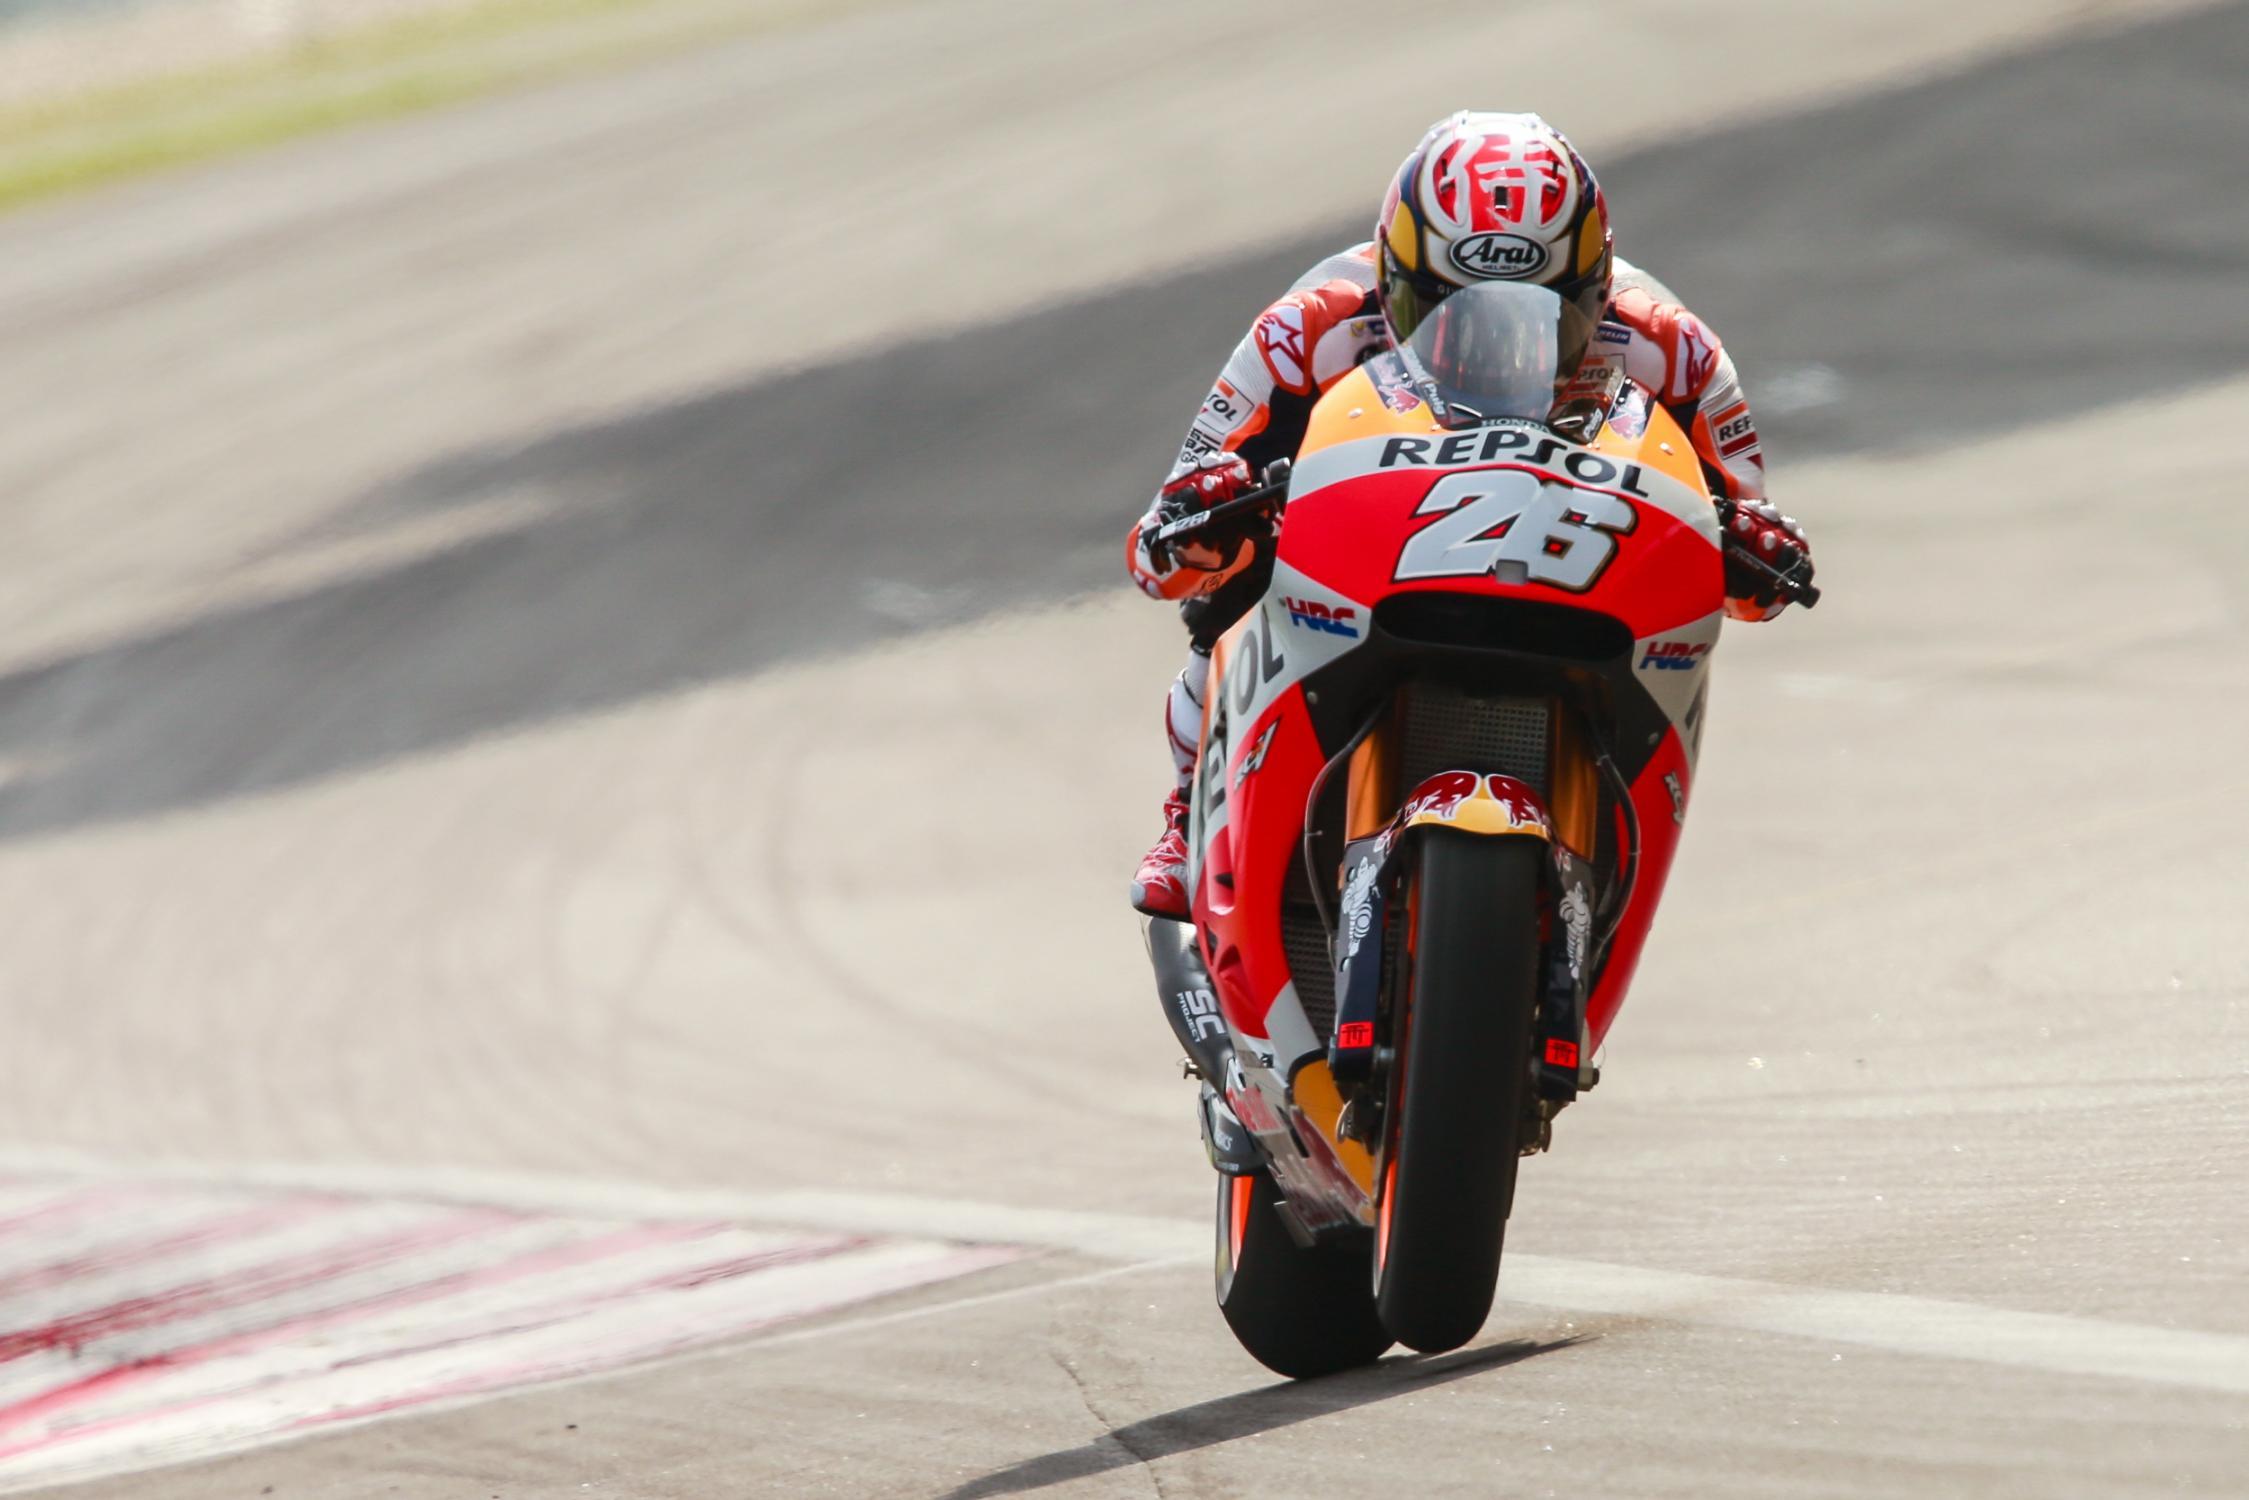 [MotoGP] Test Sepang _gp_7406.gallery_full_top_fullscreen